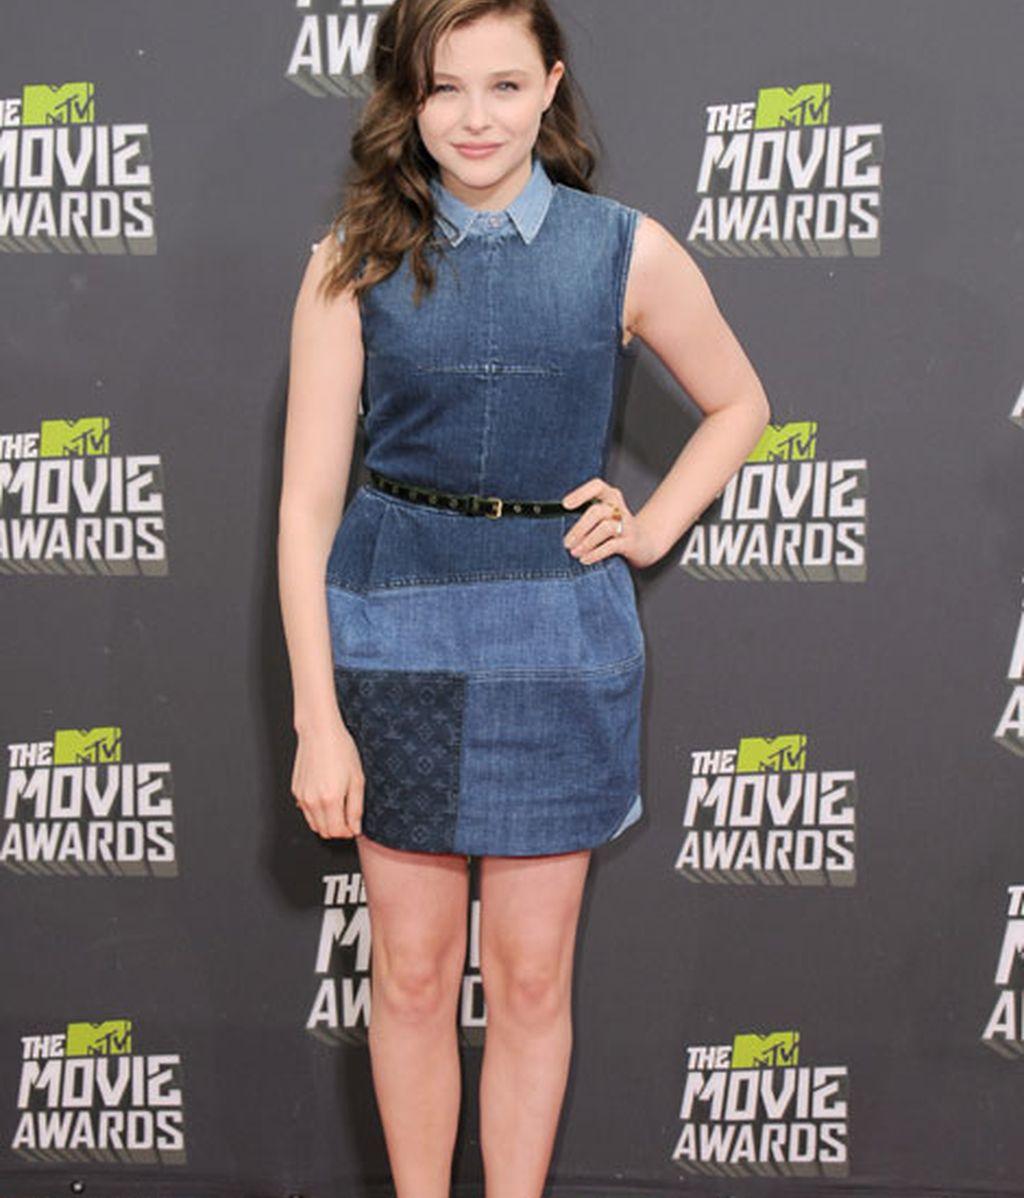 La actriz Chloe Grace Moretz lució un look denim